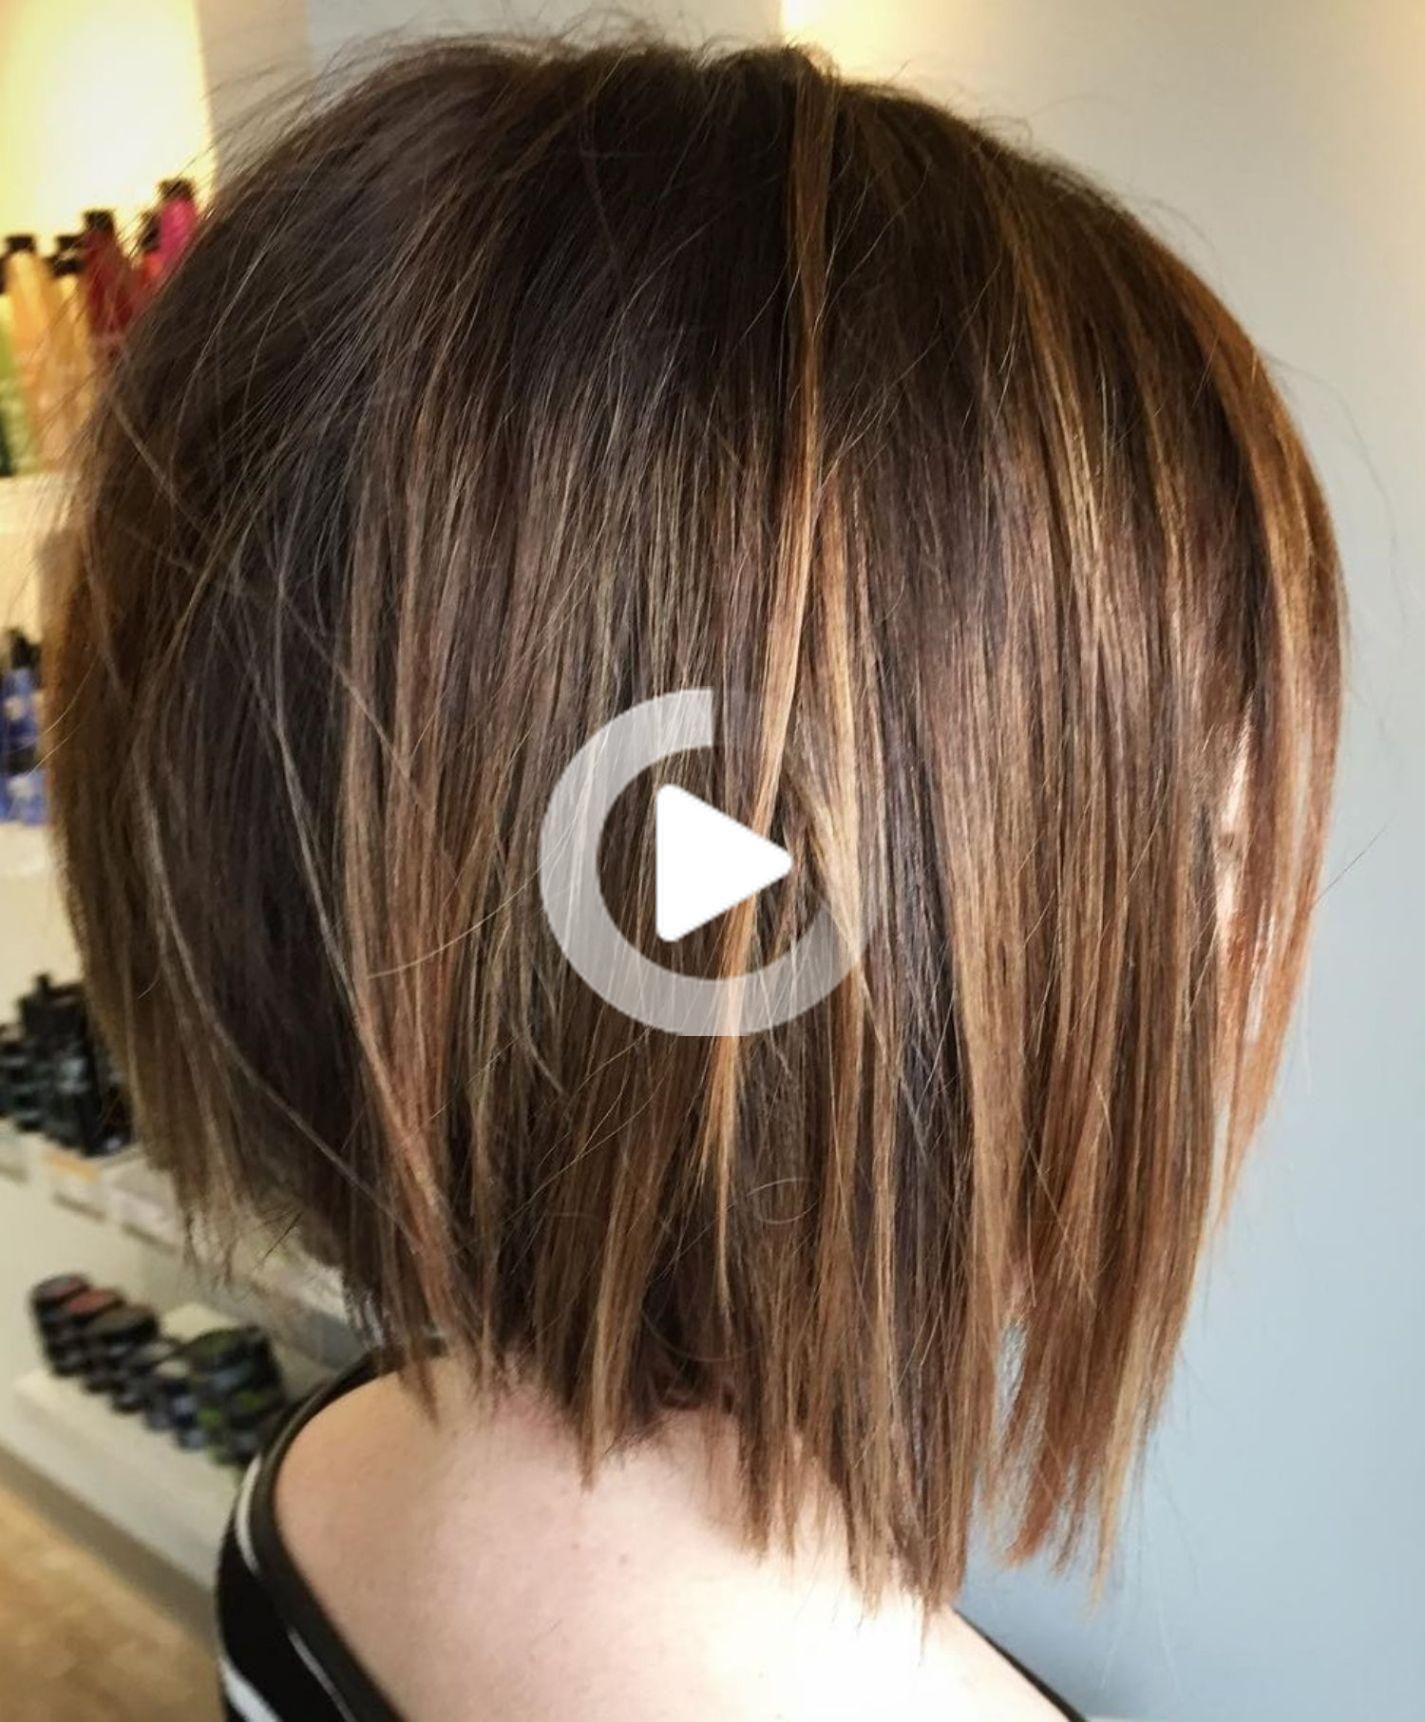 60 Belle Et Pratique Medium Bob Coiffures Coiffure Coiffure Couleur Coupe Cheveux Mi Longs Blonds